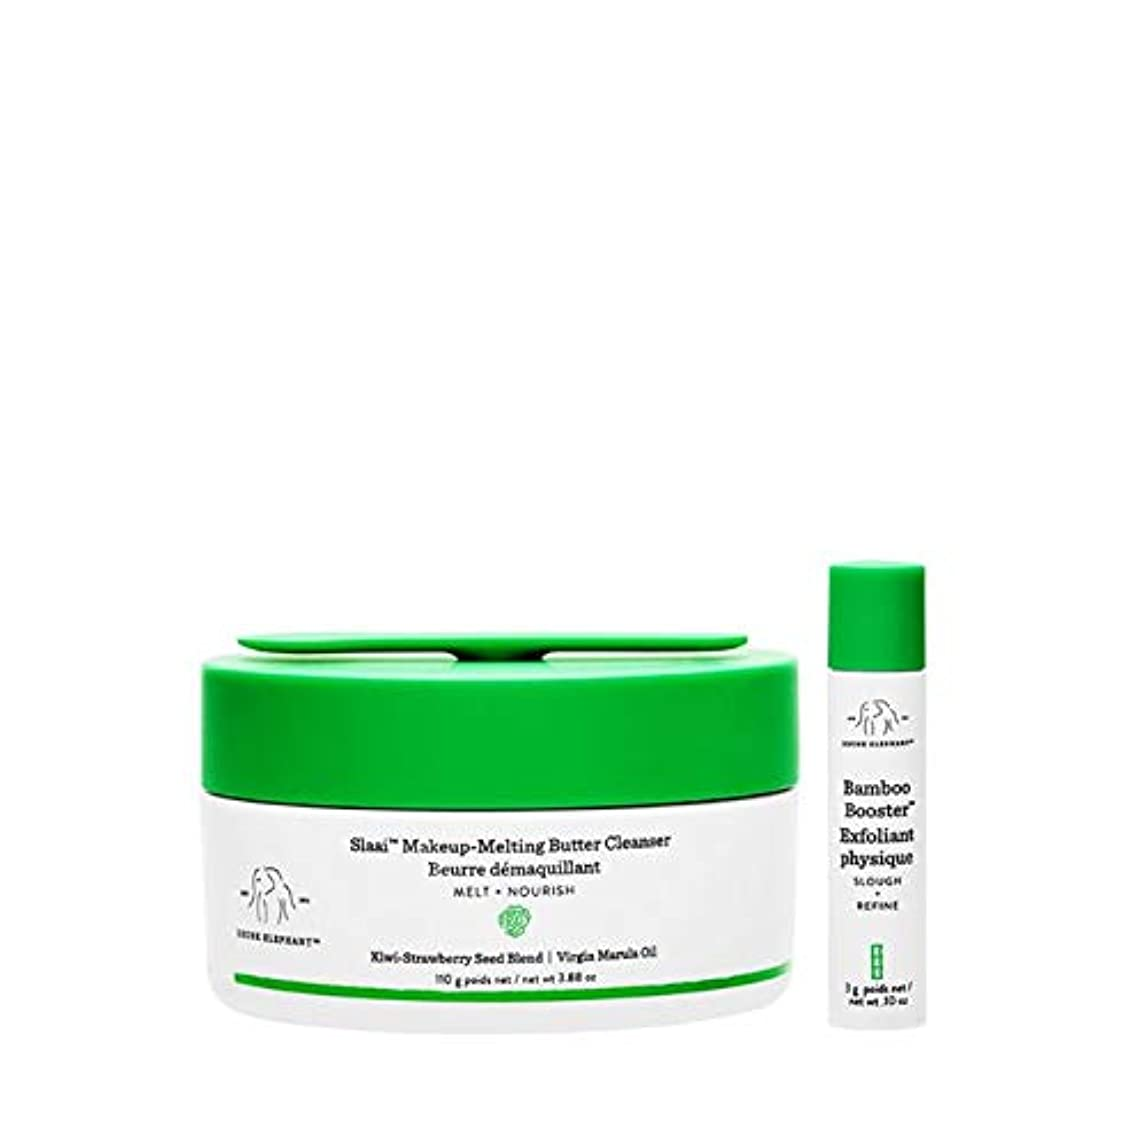 しない盟主明確なDRUNK ELEPHANT Slaai Makeup-Melting Butter Cleanser ドランクエレファント スラエー メーカップ メルティング バター クレンザー 110g